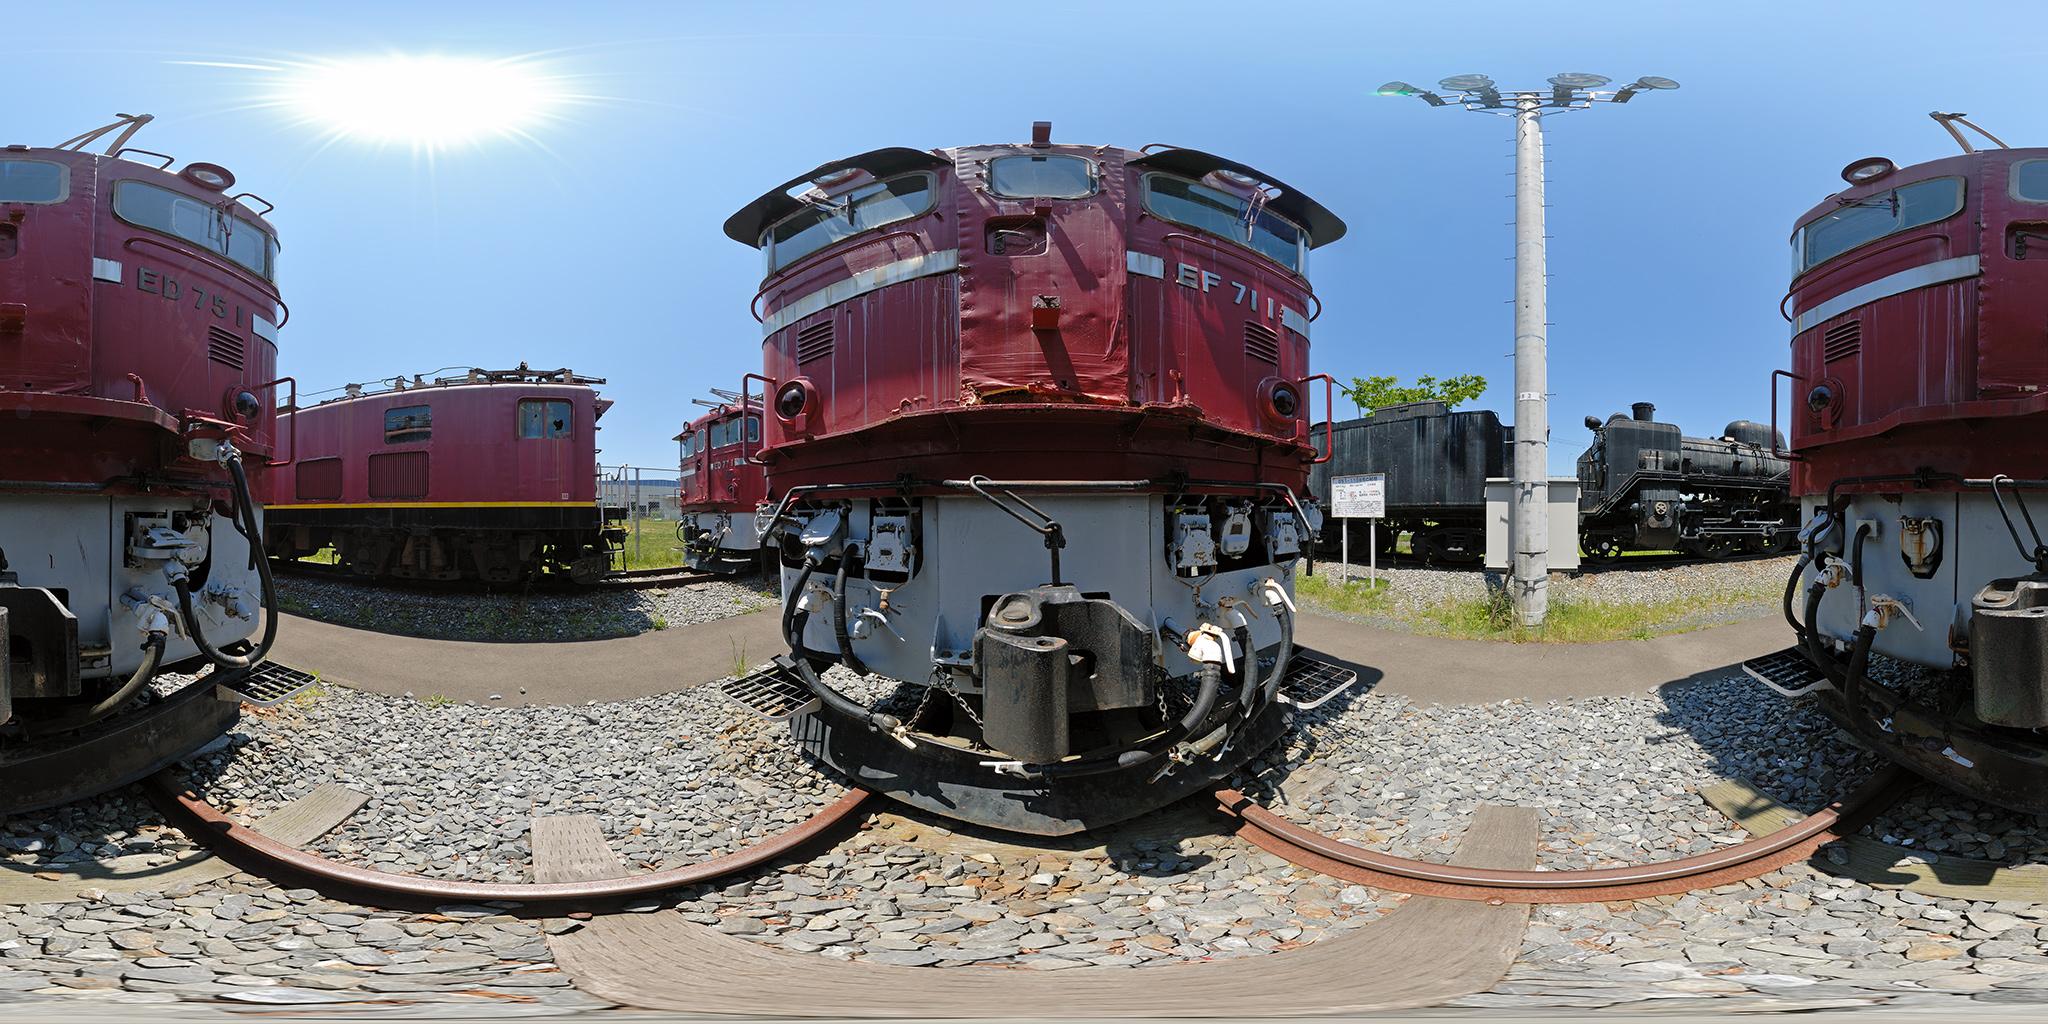 板谷峠の勾配用に開発されたEF71-1とED75-1